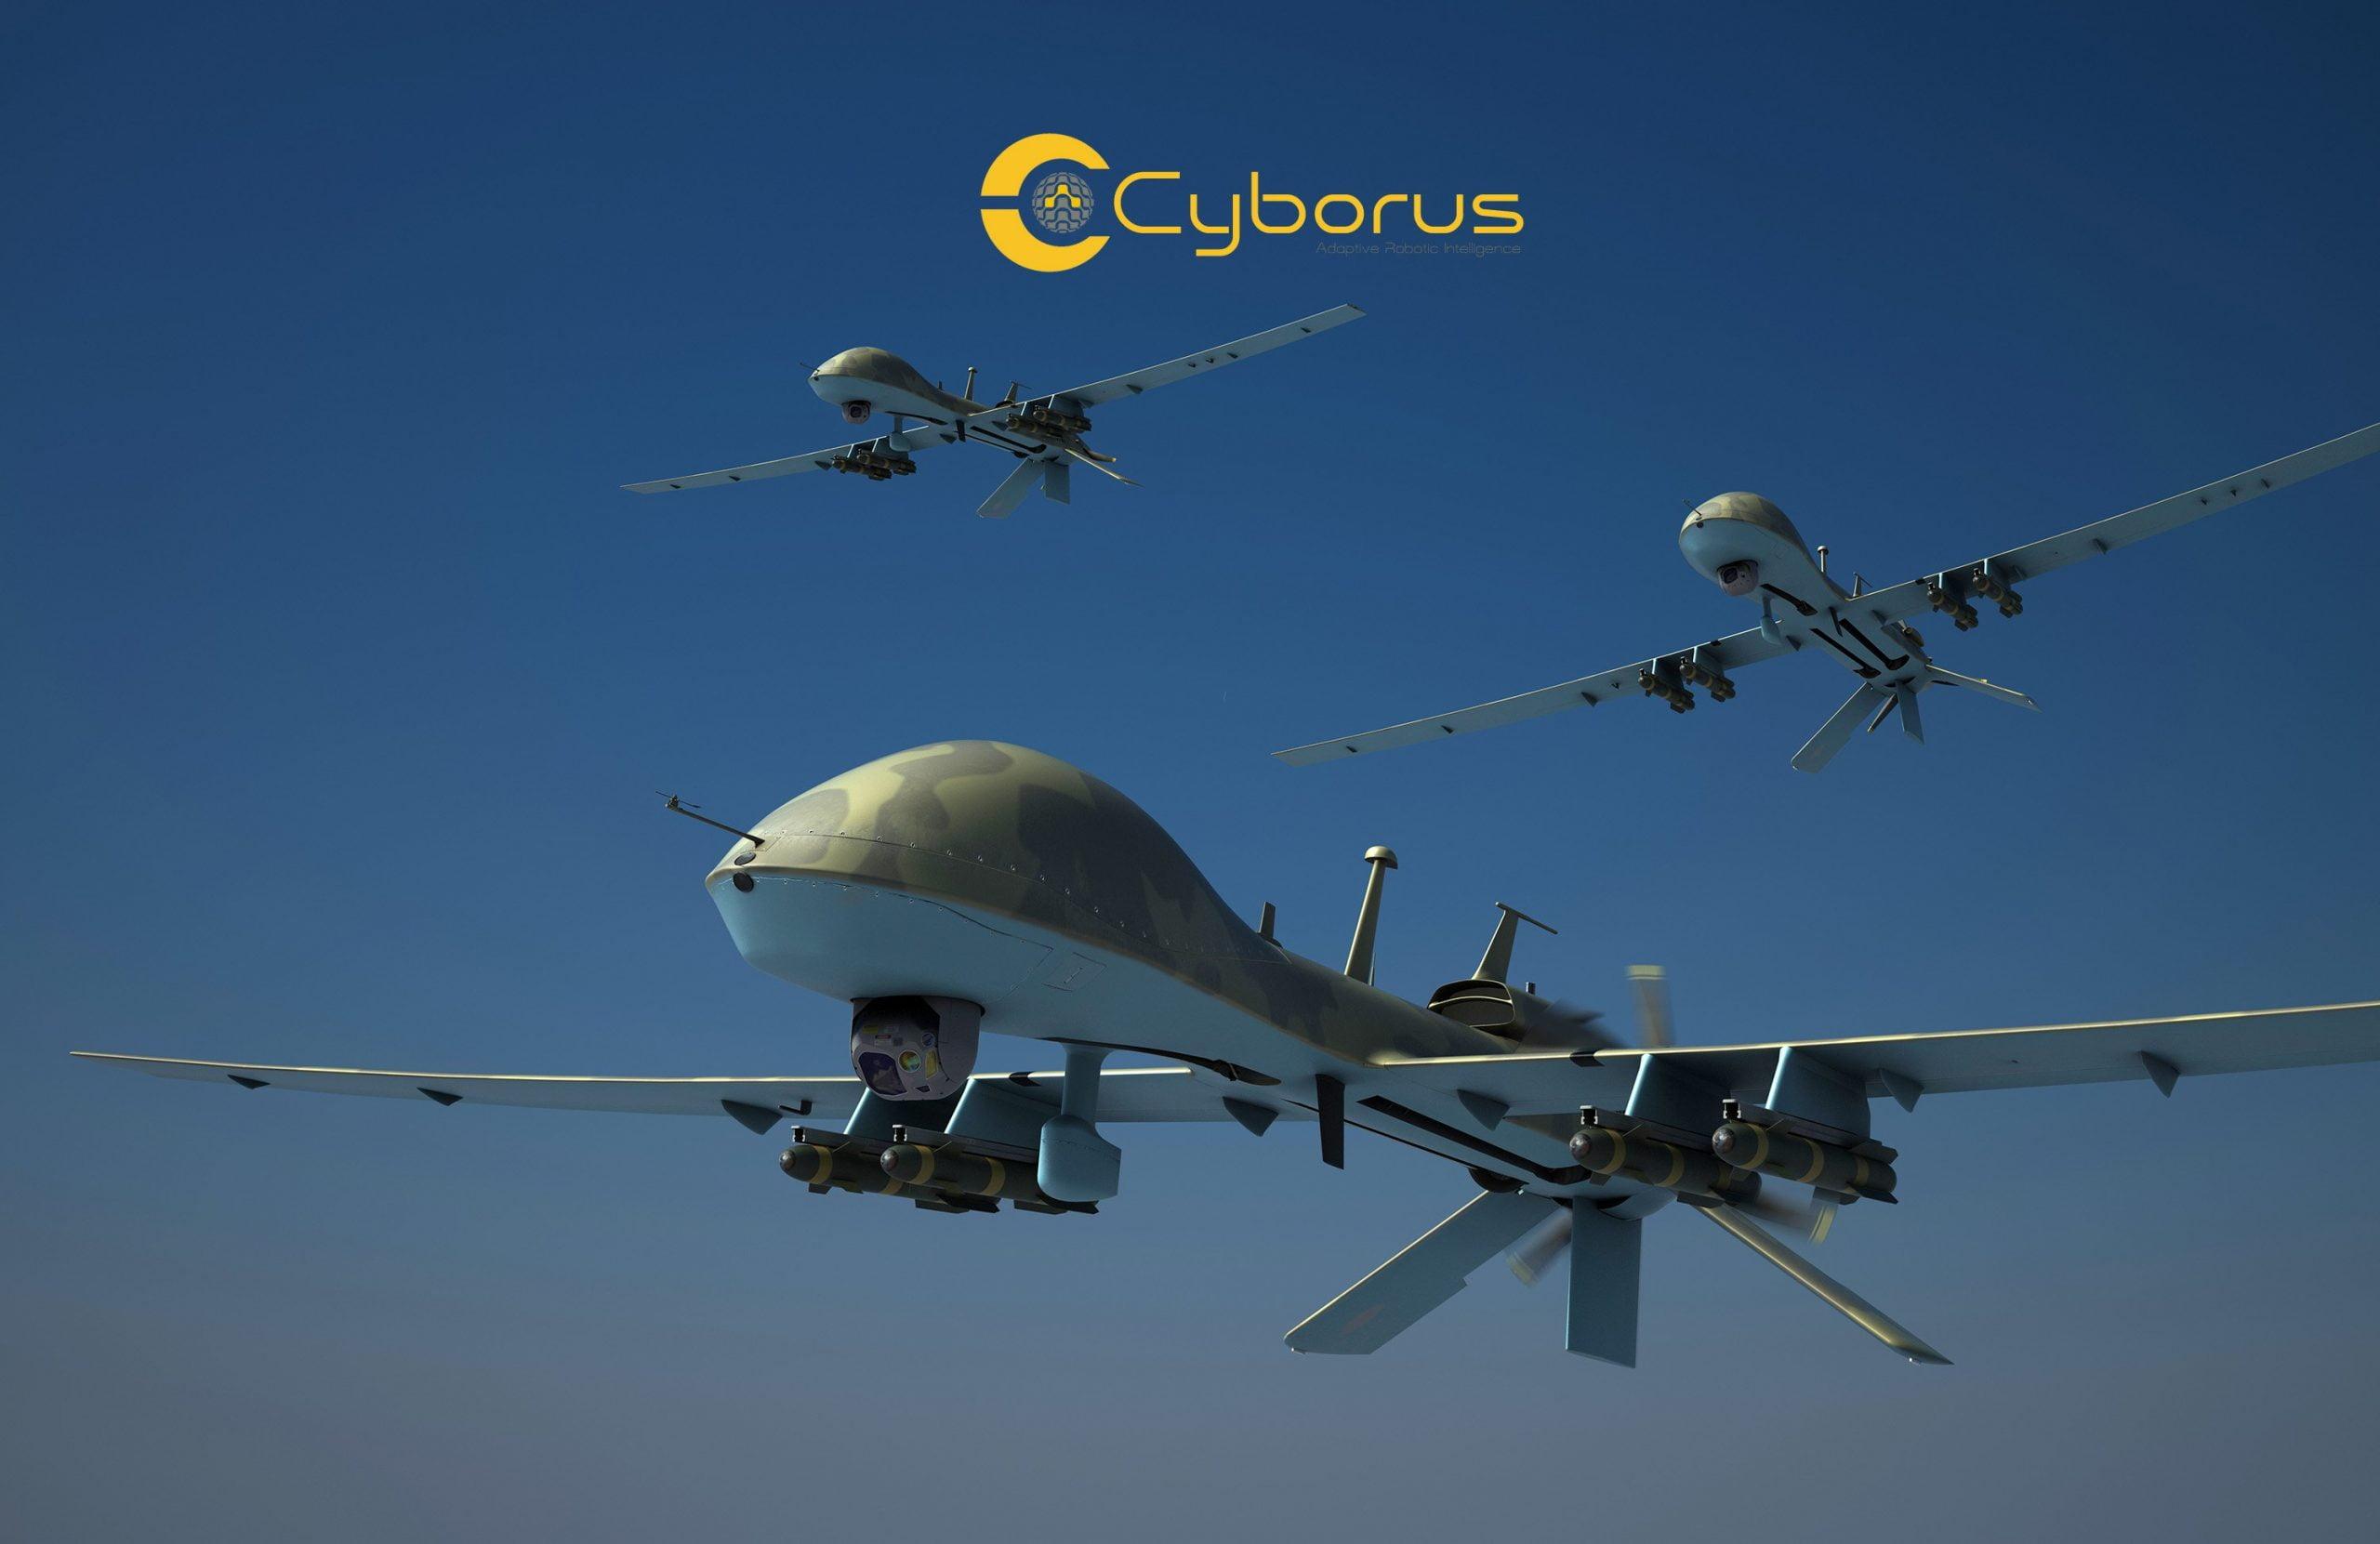 Η χρήση drones και οι πολεμικές τακτικές της Τουρκίας στο Αρτσάχ, μάθημα για Κύπρο και Ελλάδα